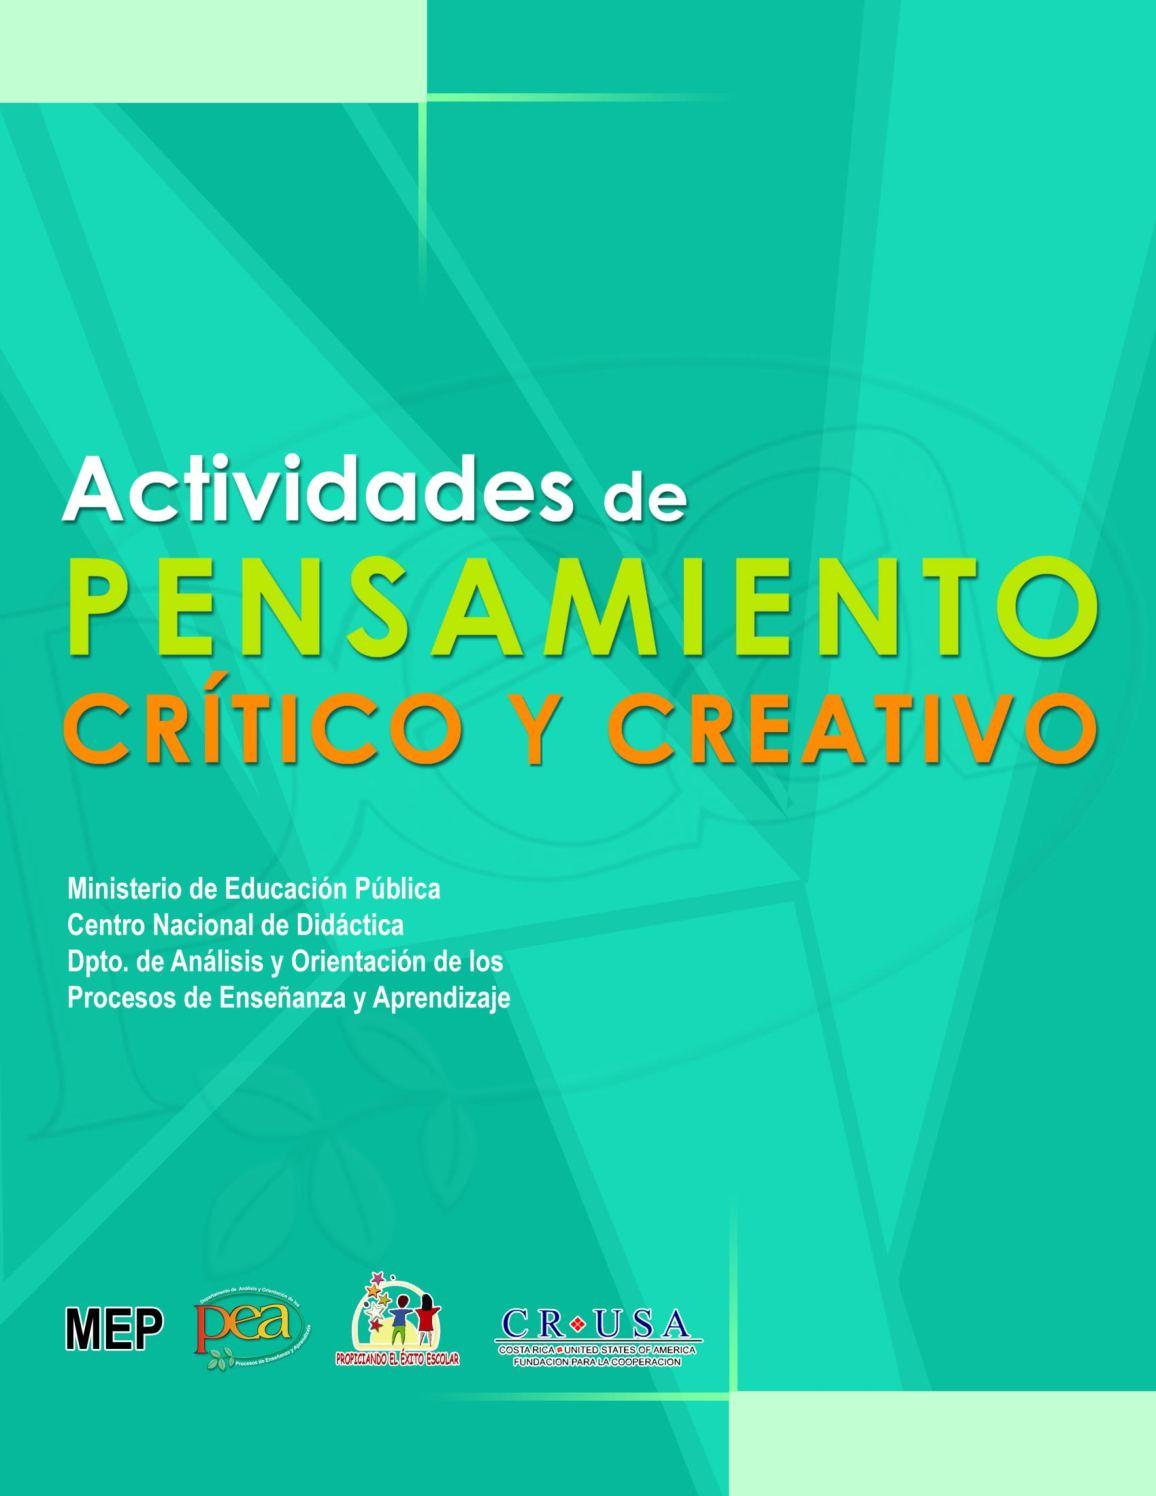 Calaméo - ACTIVIDADES DE PENSAMIENTO CRÍTICO Y CREATIVO